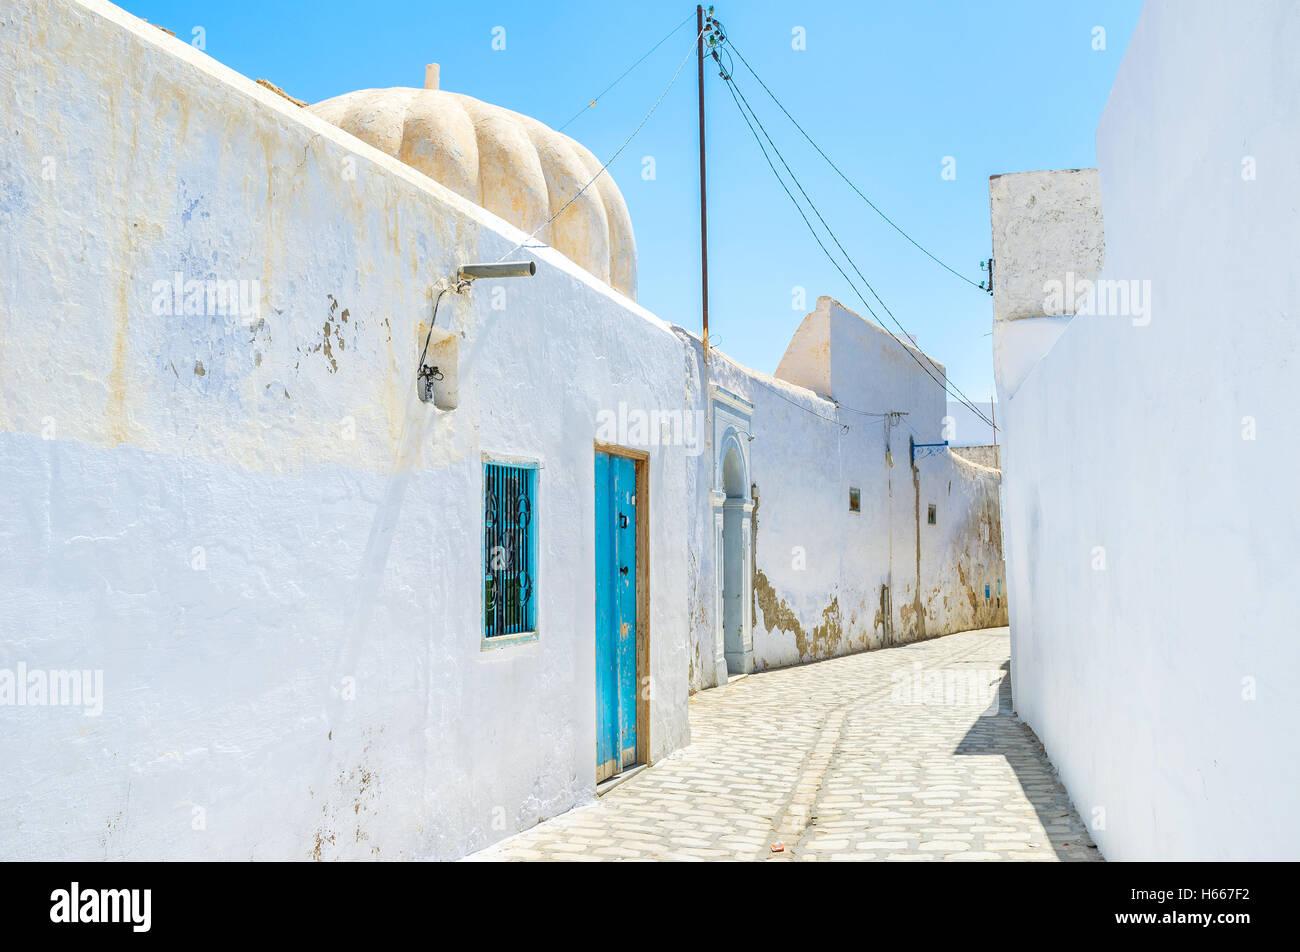 El público se baña (hammam) ubicado en la Medina de Kairouan, Túnez. Imagen De Stock